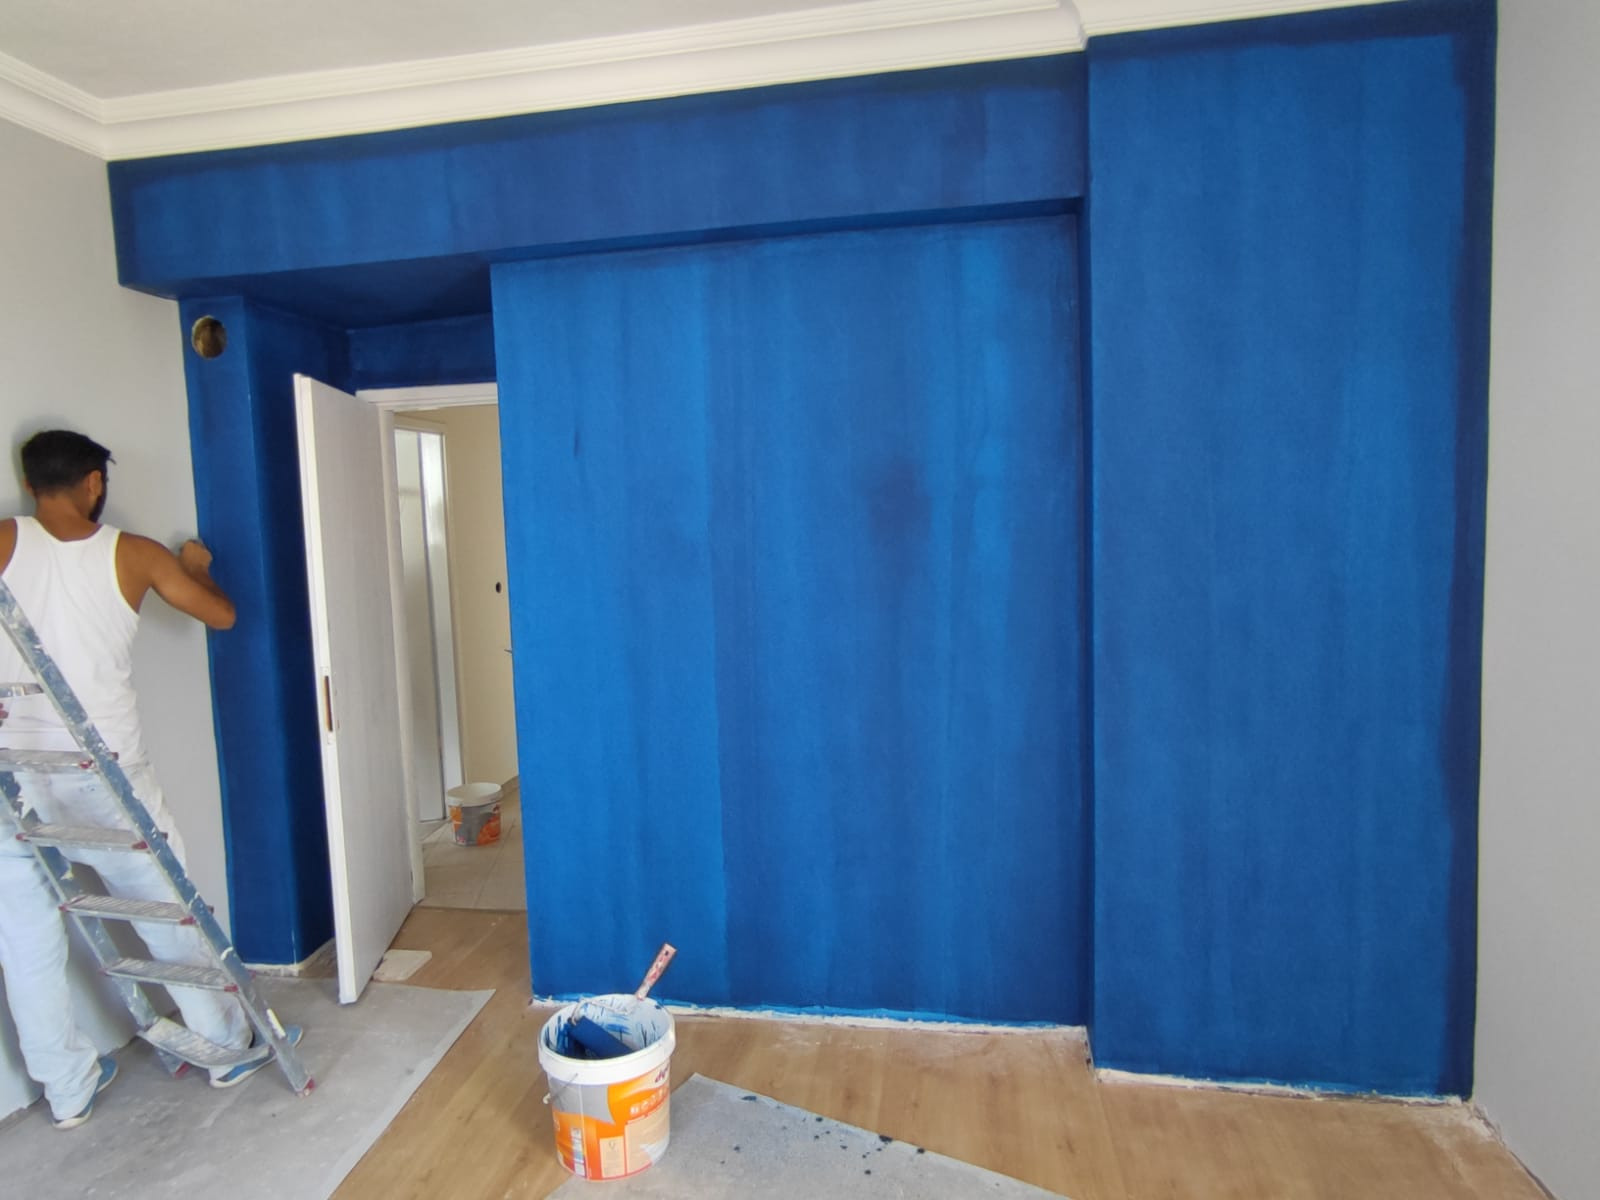 Boyalı Duvarlarınızı Temizlemek İçin 5 İpucu